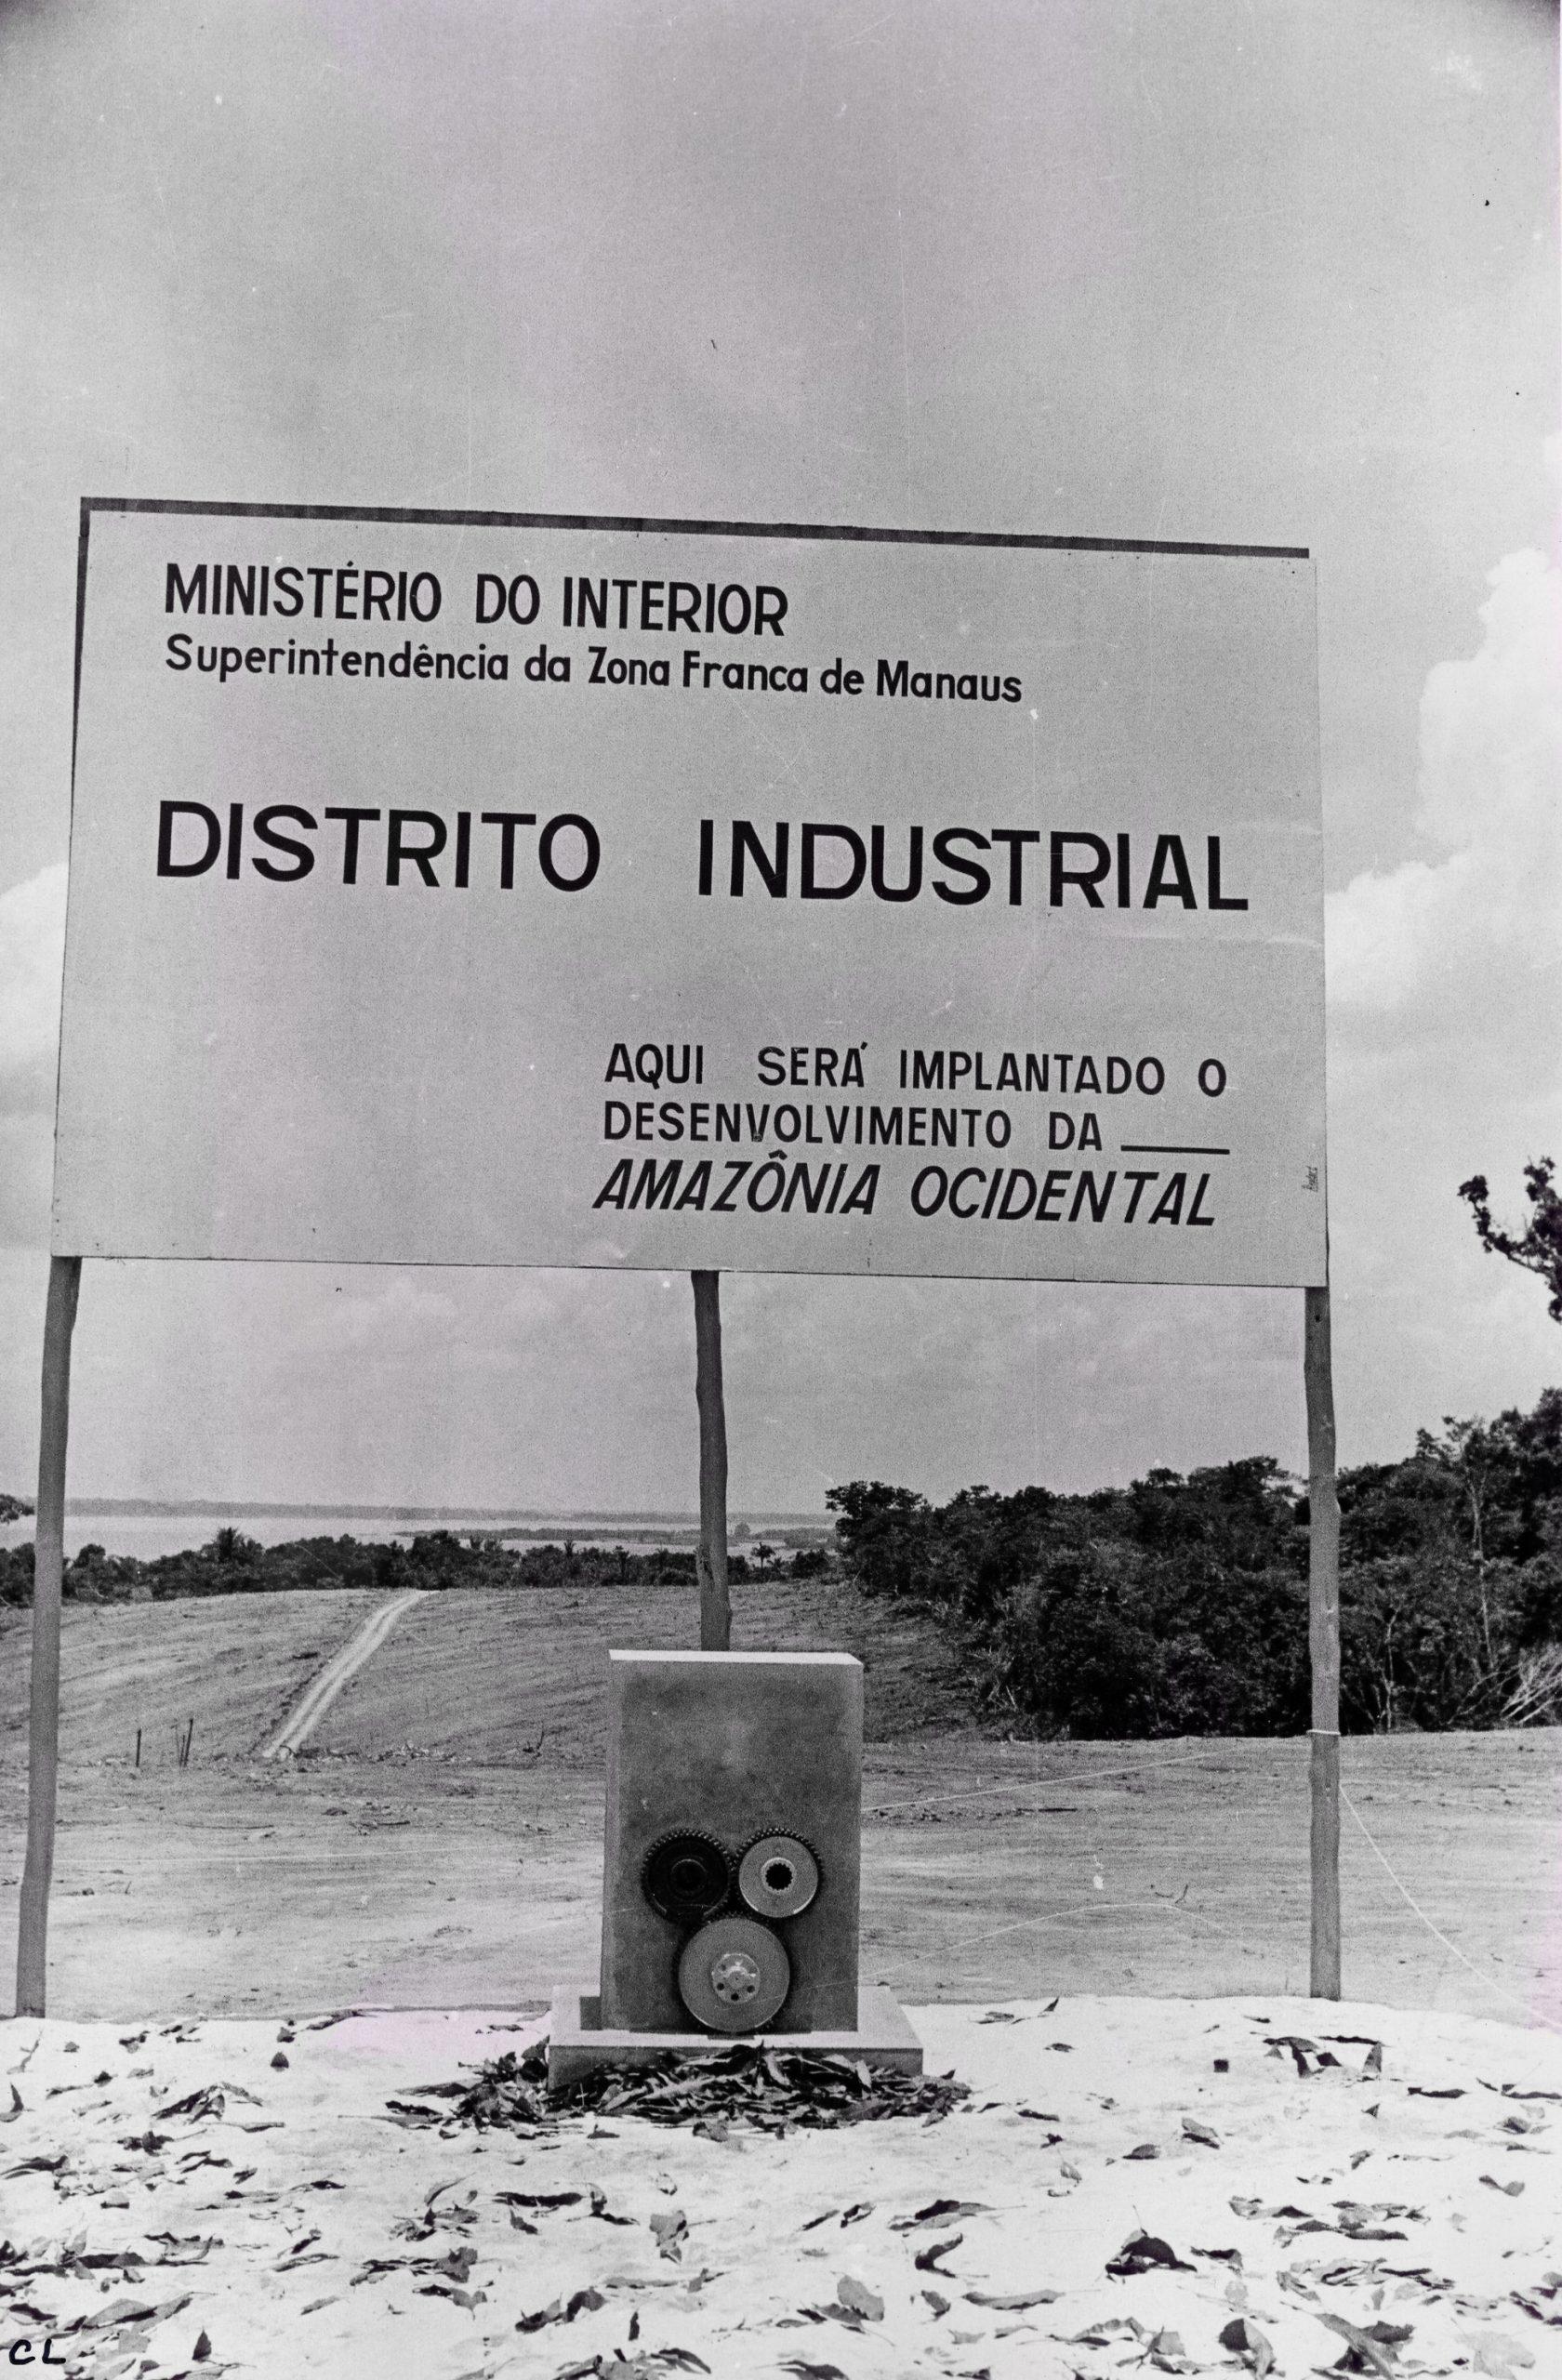 Placa de implantação do Distrito Industrial - Instituto Durango Duarte